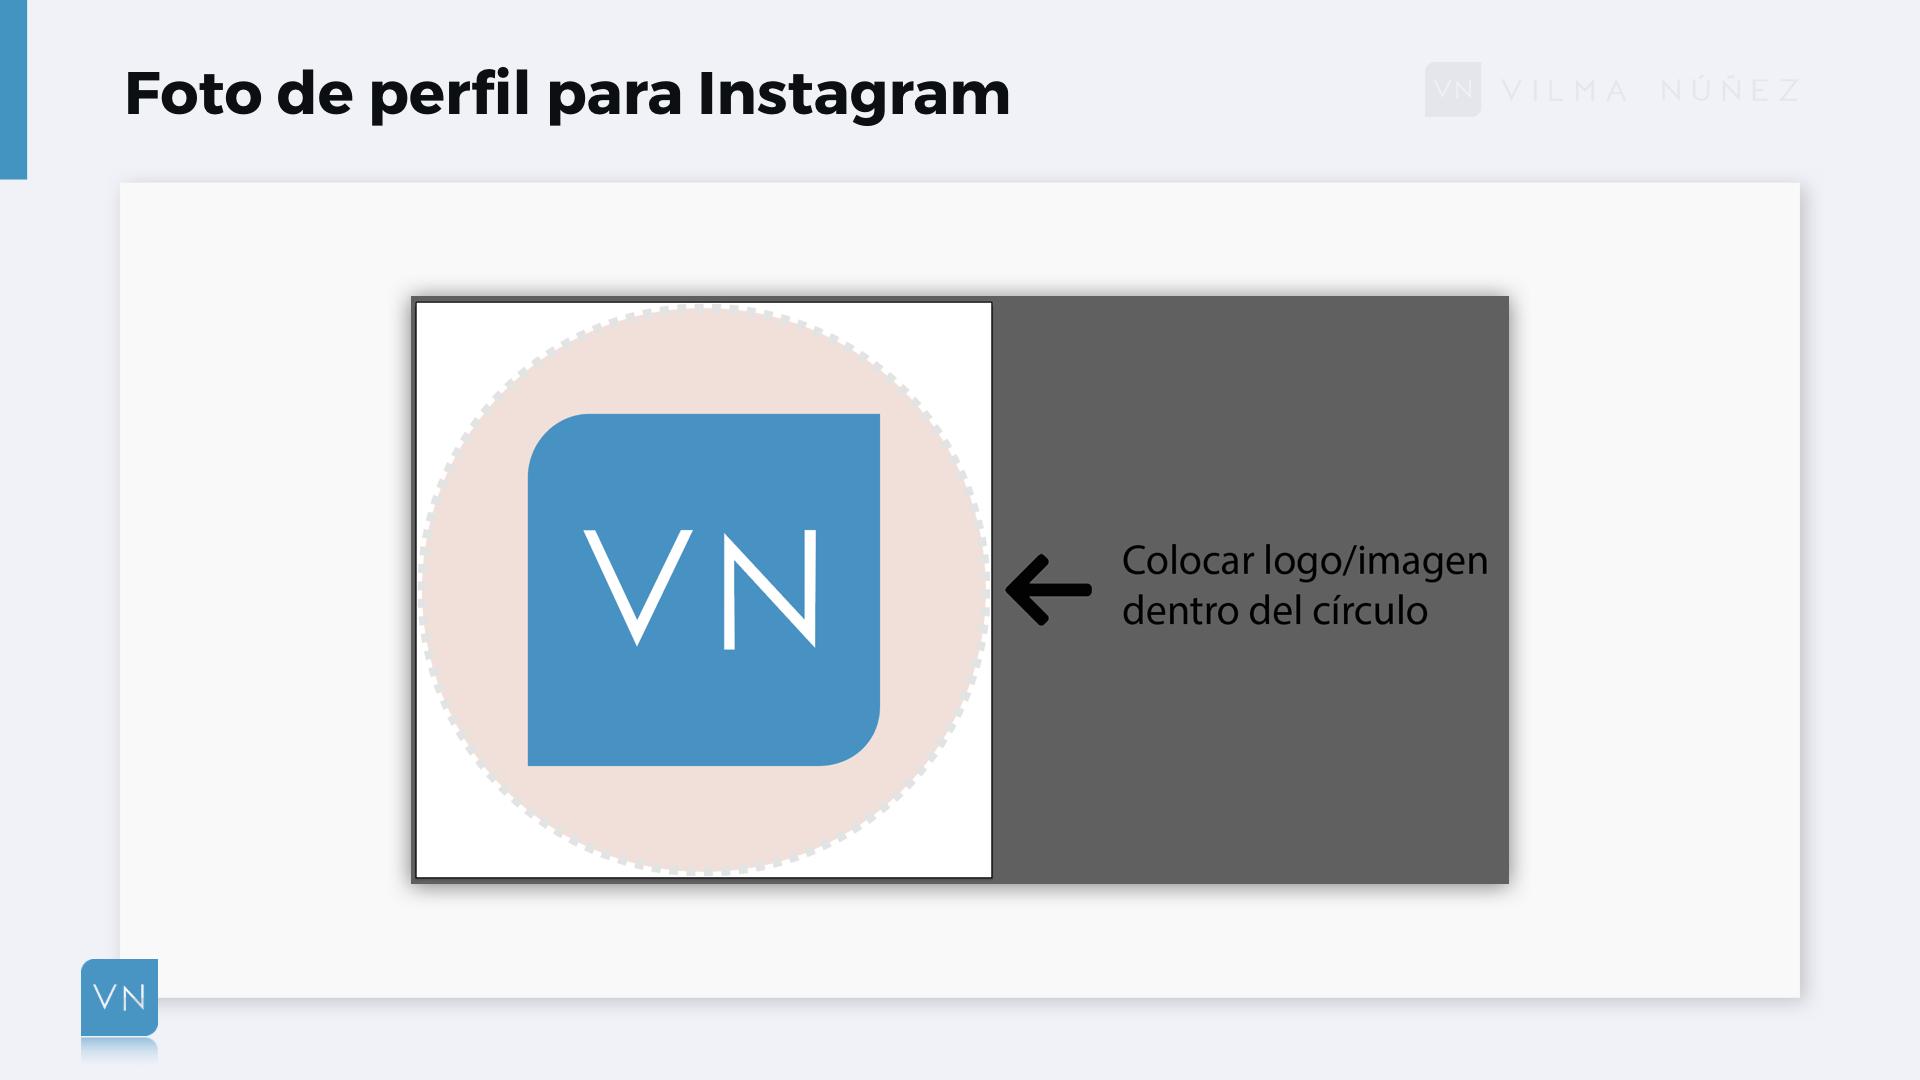 Ejemplo de cómo crear una foto de perfil para Instagram